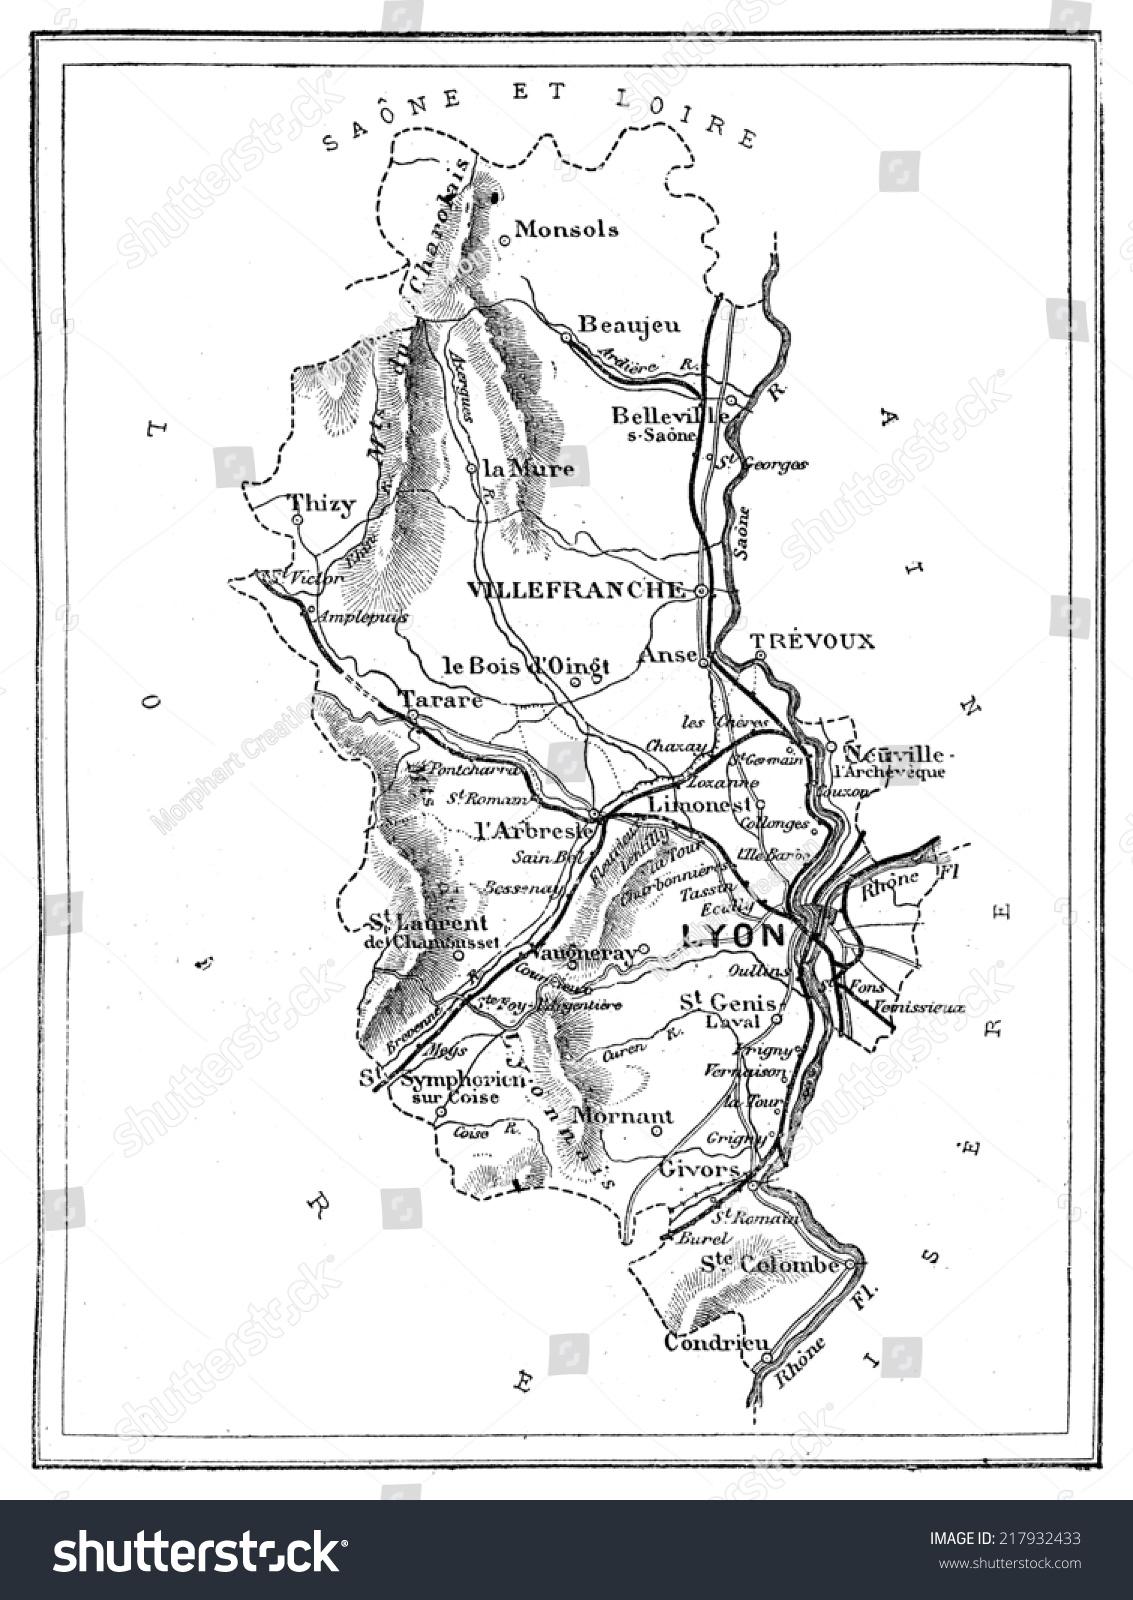 map of the department of rhone vintage engraved illustration journal des voyage travel. Black Bedroom Furniture Sets. Home Design Ideas